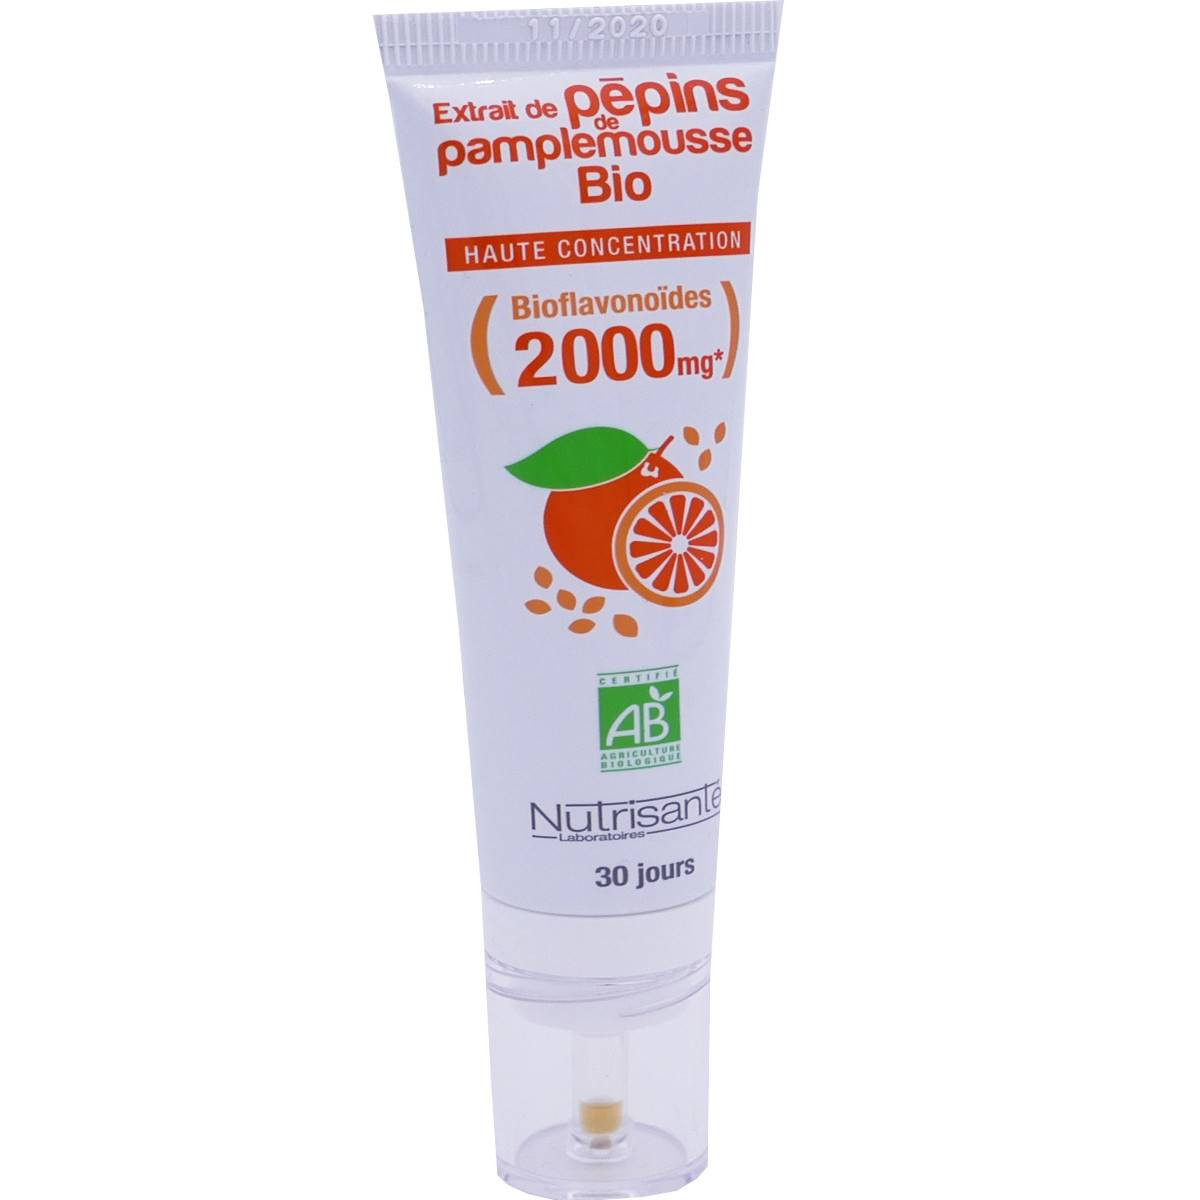 Nutrisante extrait de pepins de pamplemousse bio 30 ml